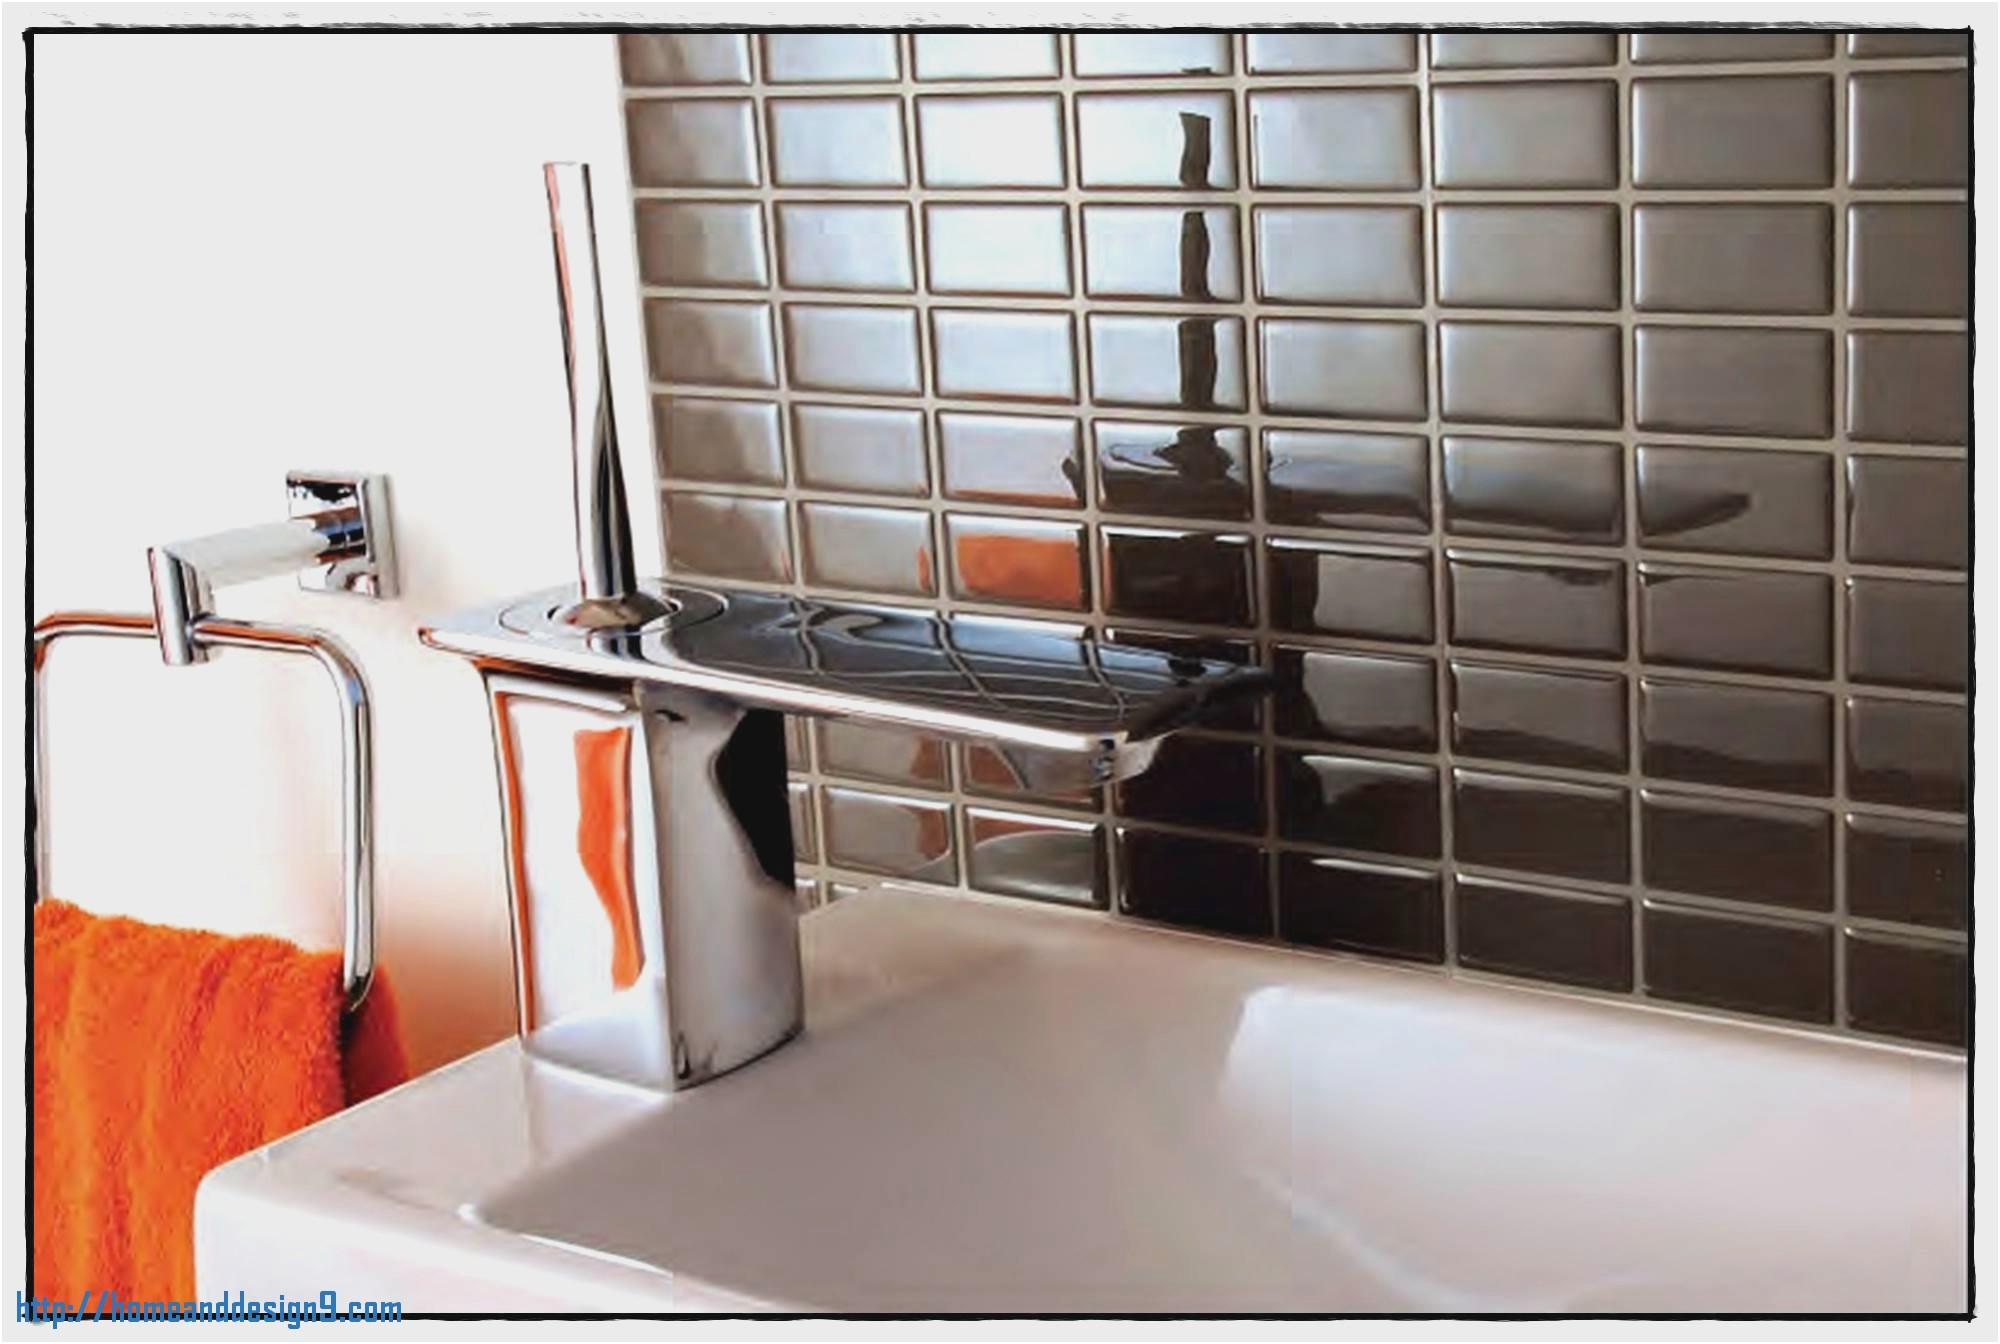 Carrelage Adhésif Salle De Bain Brico Depot Unique Photos Ides Dimages De Carrelage Adhsif Mural Ikea